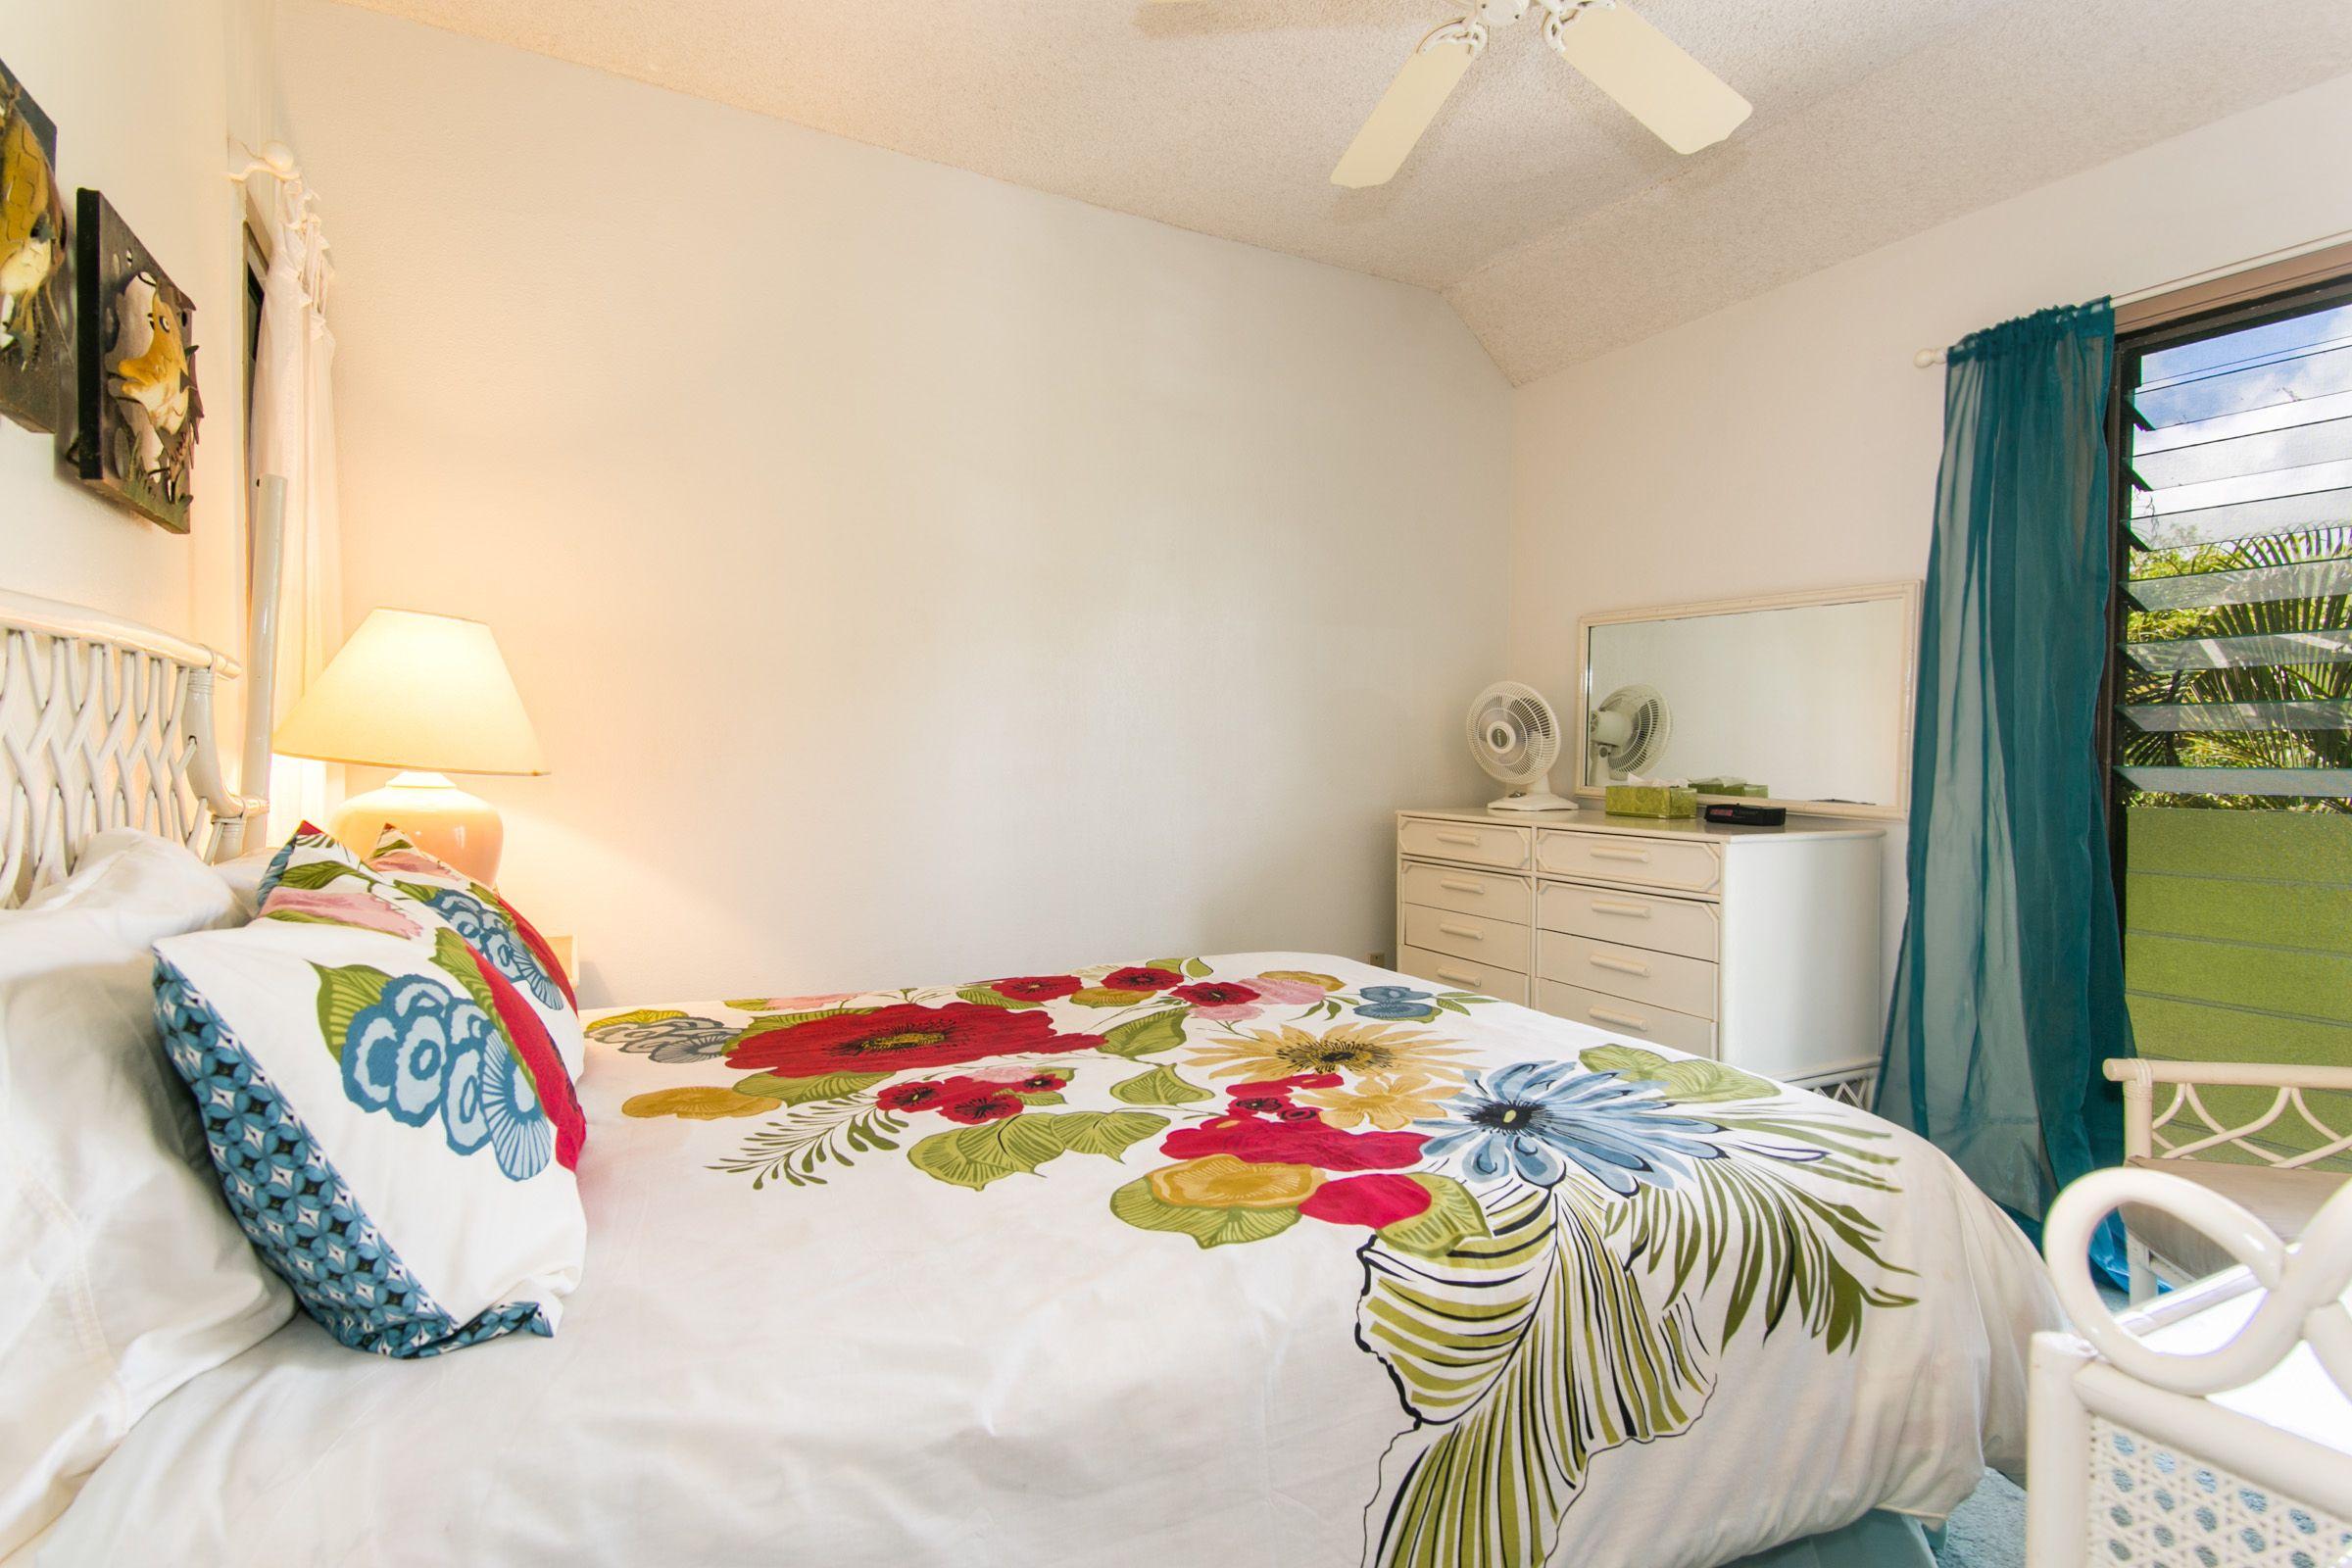 bedroom-2_1800x1200_1300723